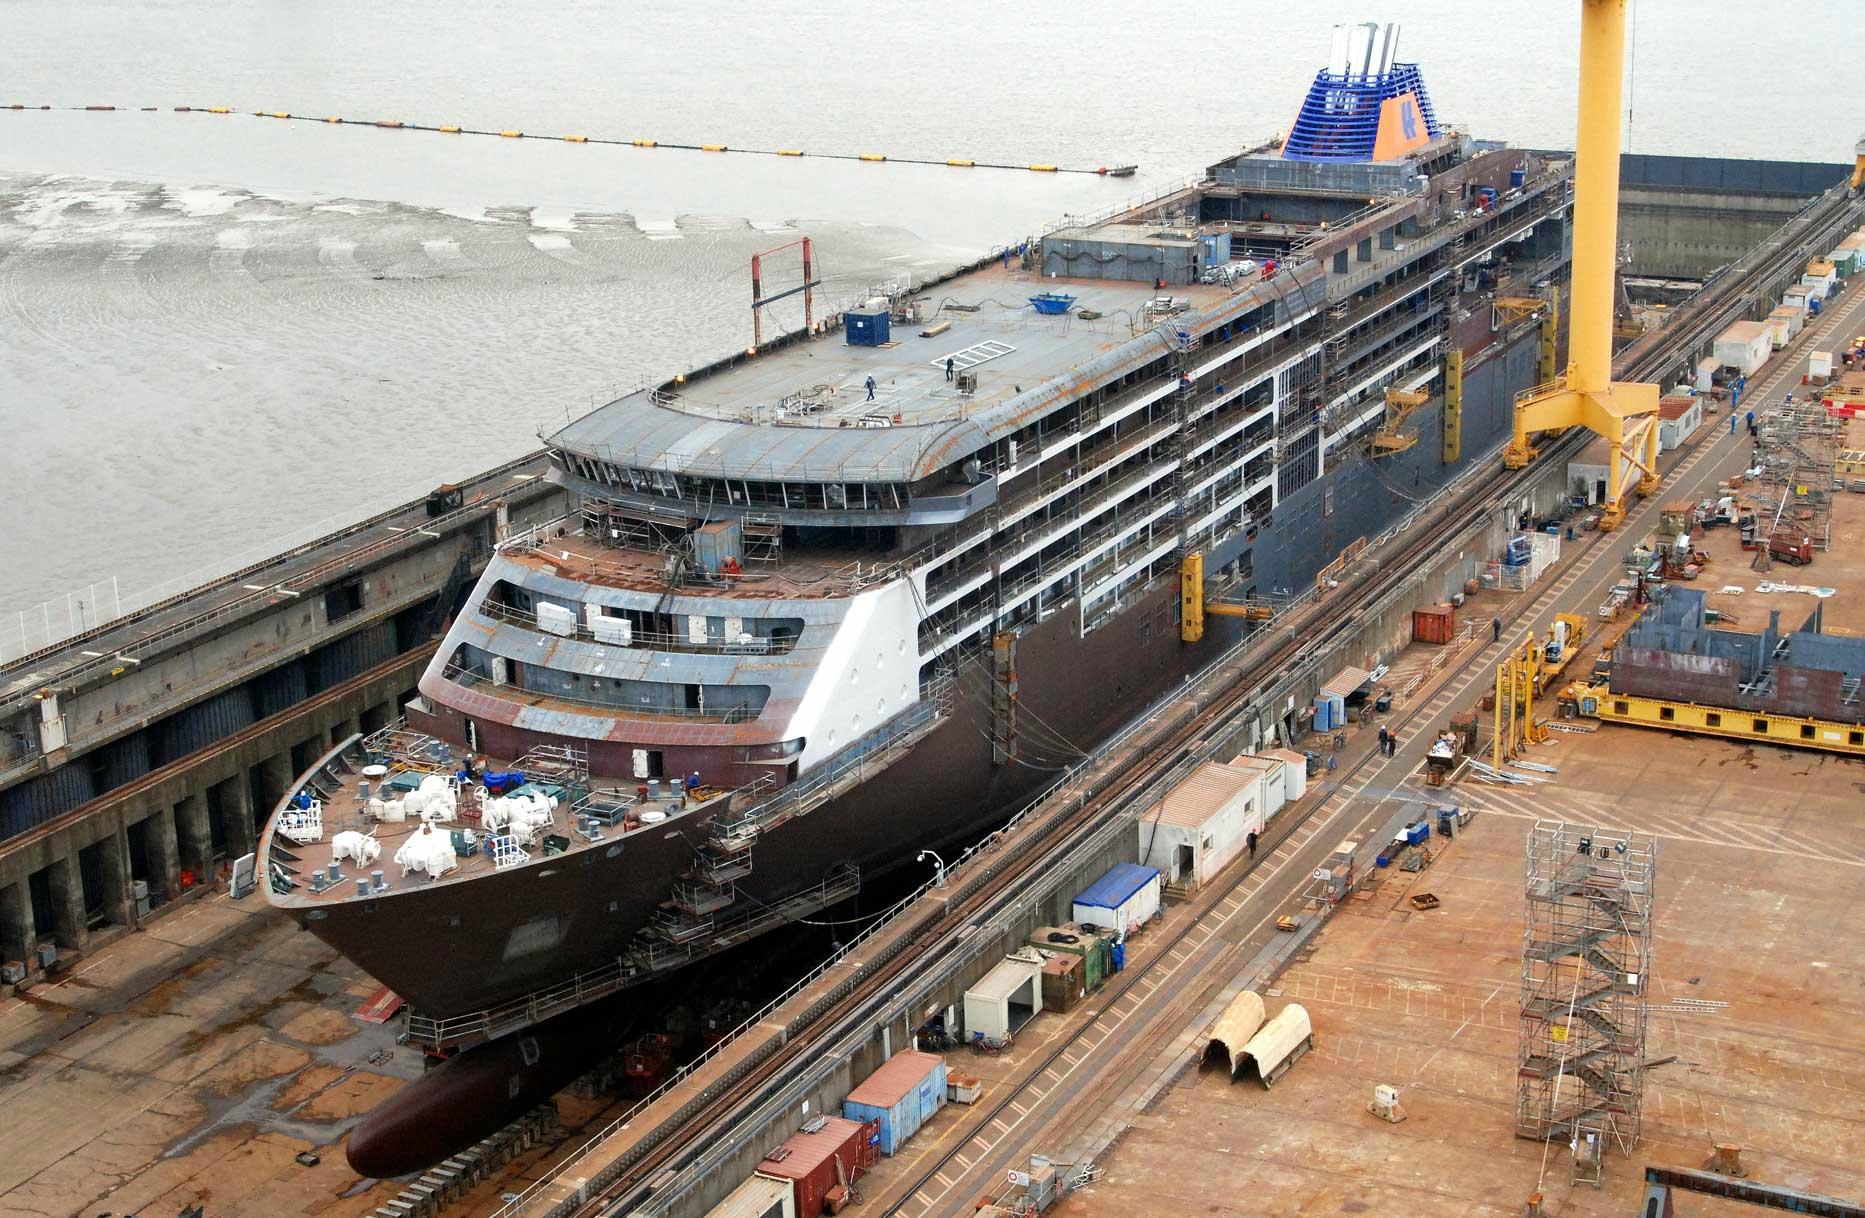 News sur la navale mondiale (les chantiers de constructions navales) - Page 6 86274839_o